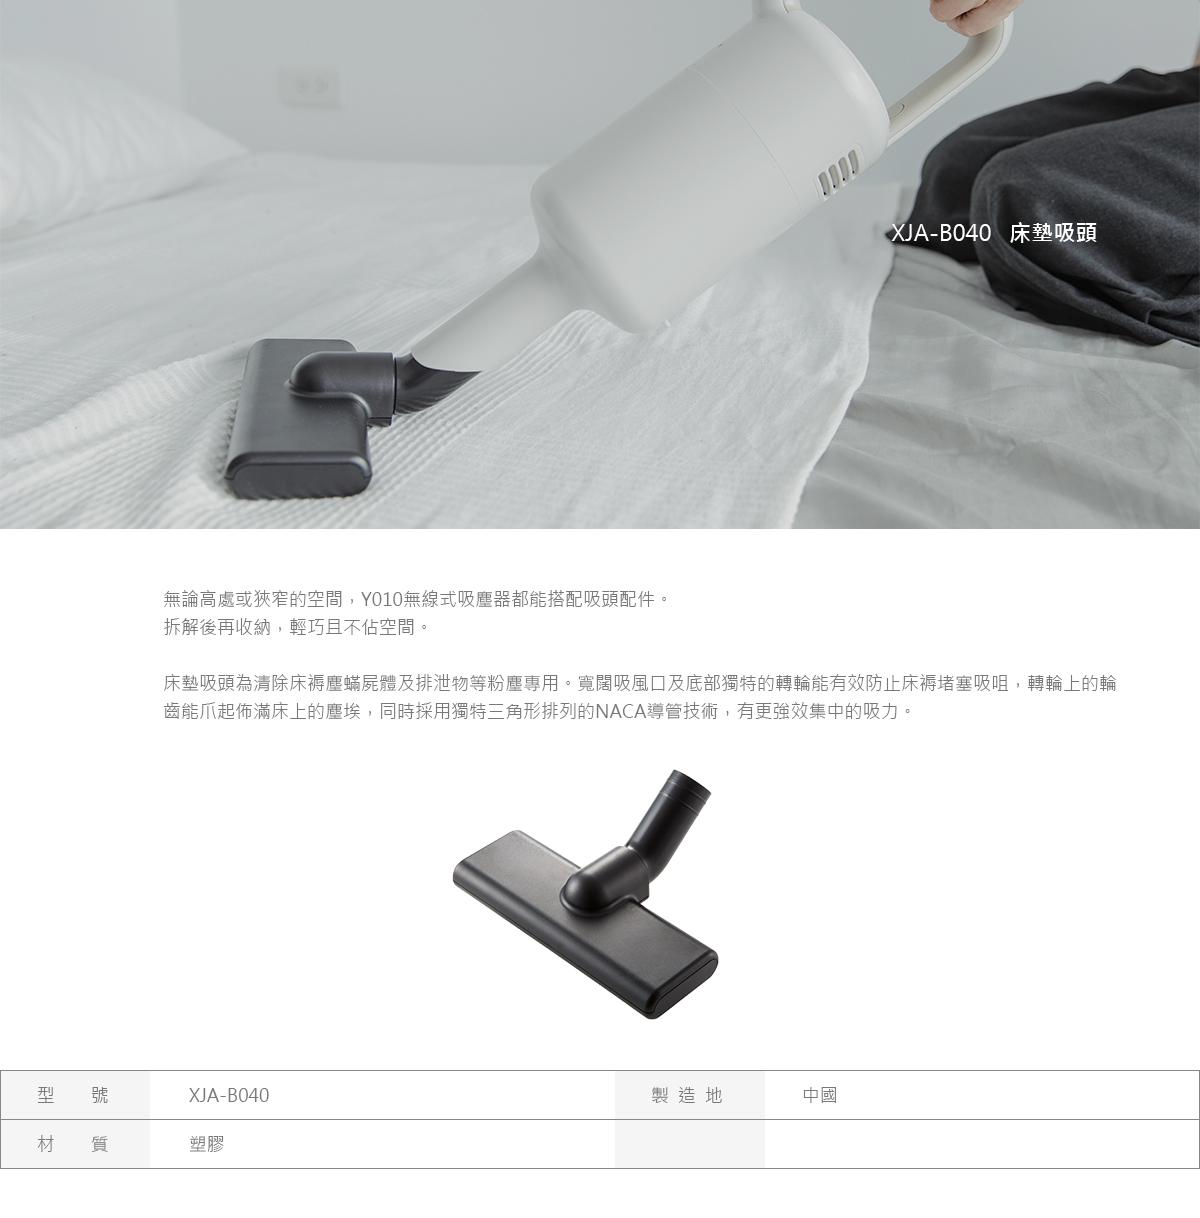 吸塵器棉被吸頭 (適用型號Y010、C030)